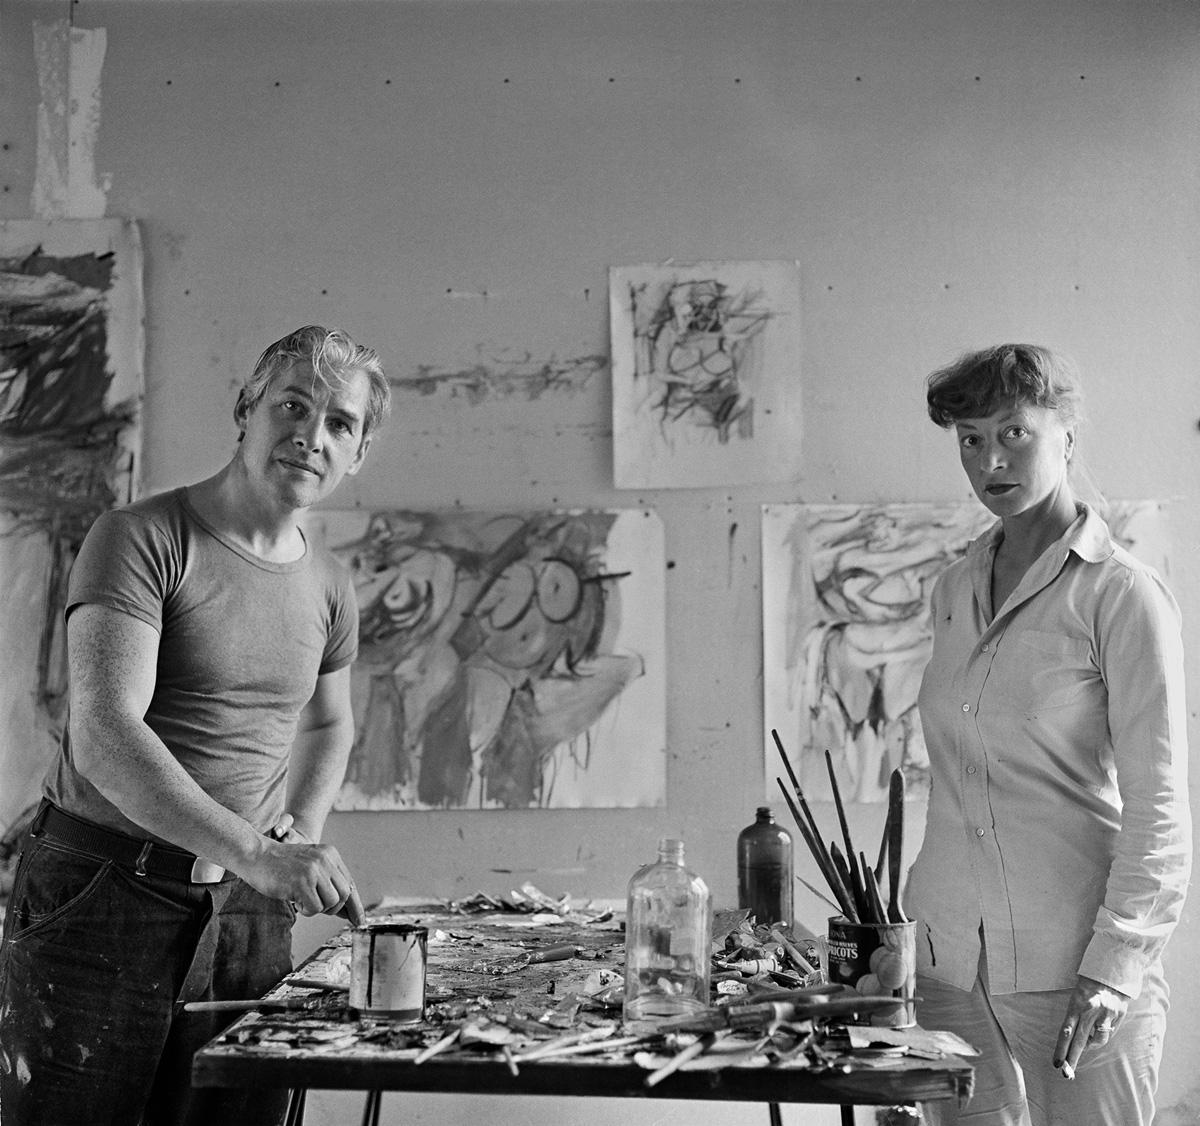 Willem De Kooning and Elaine De Kooning, East Hampton, 1953